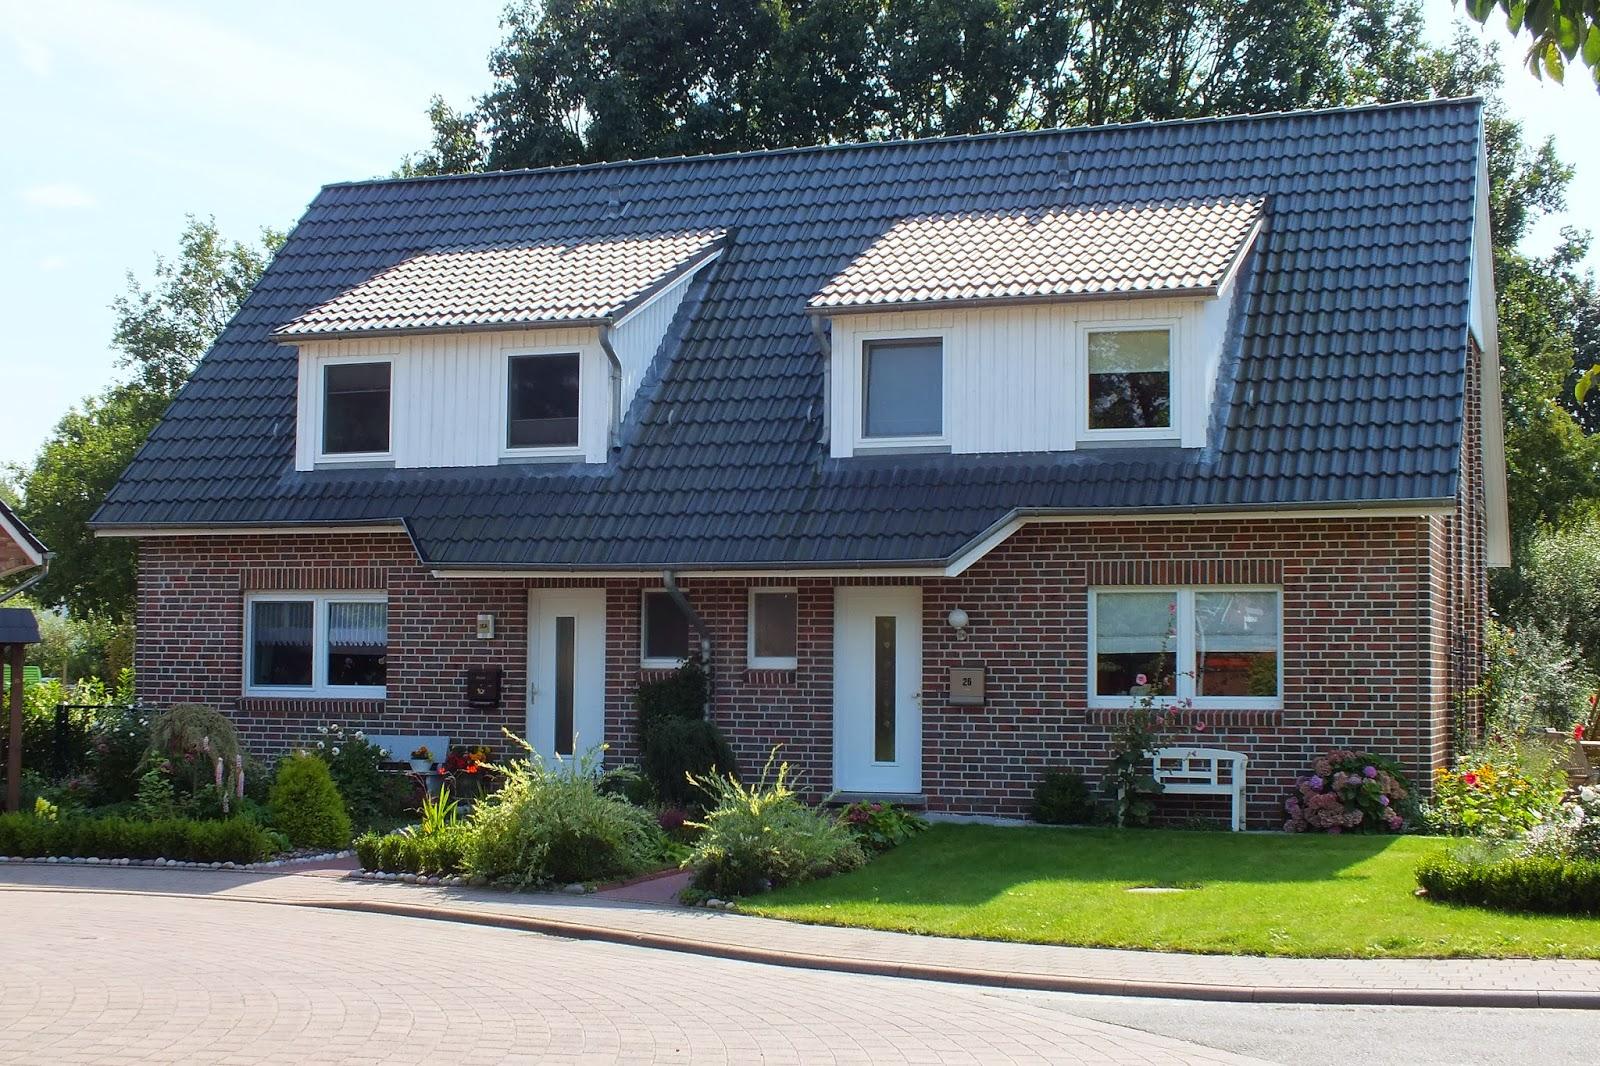 immobilien daira b r das doppelhaus viel wohn t raum auf kleinem grundst ck. Black Bedroom Furniture Sets. Home Design Ideas